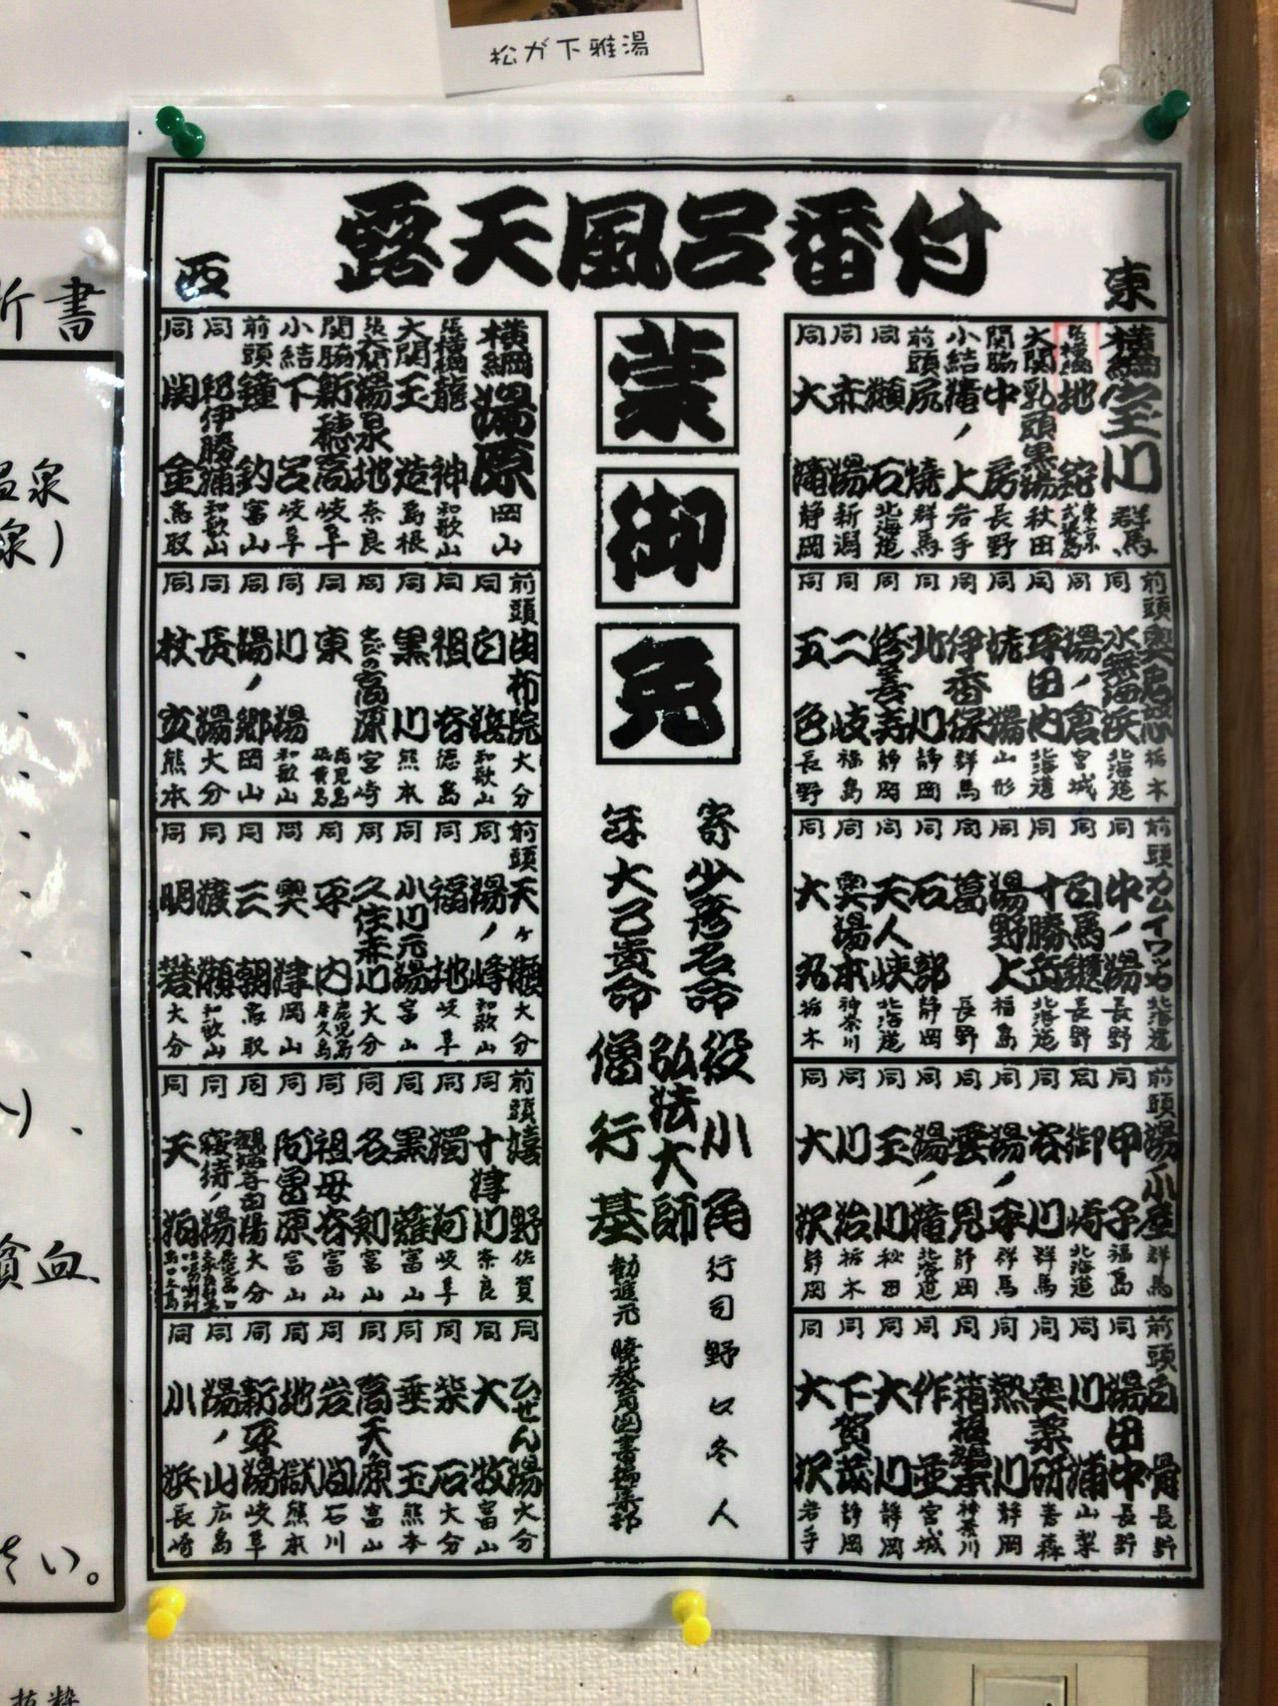 Niijima travel 2595